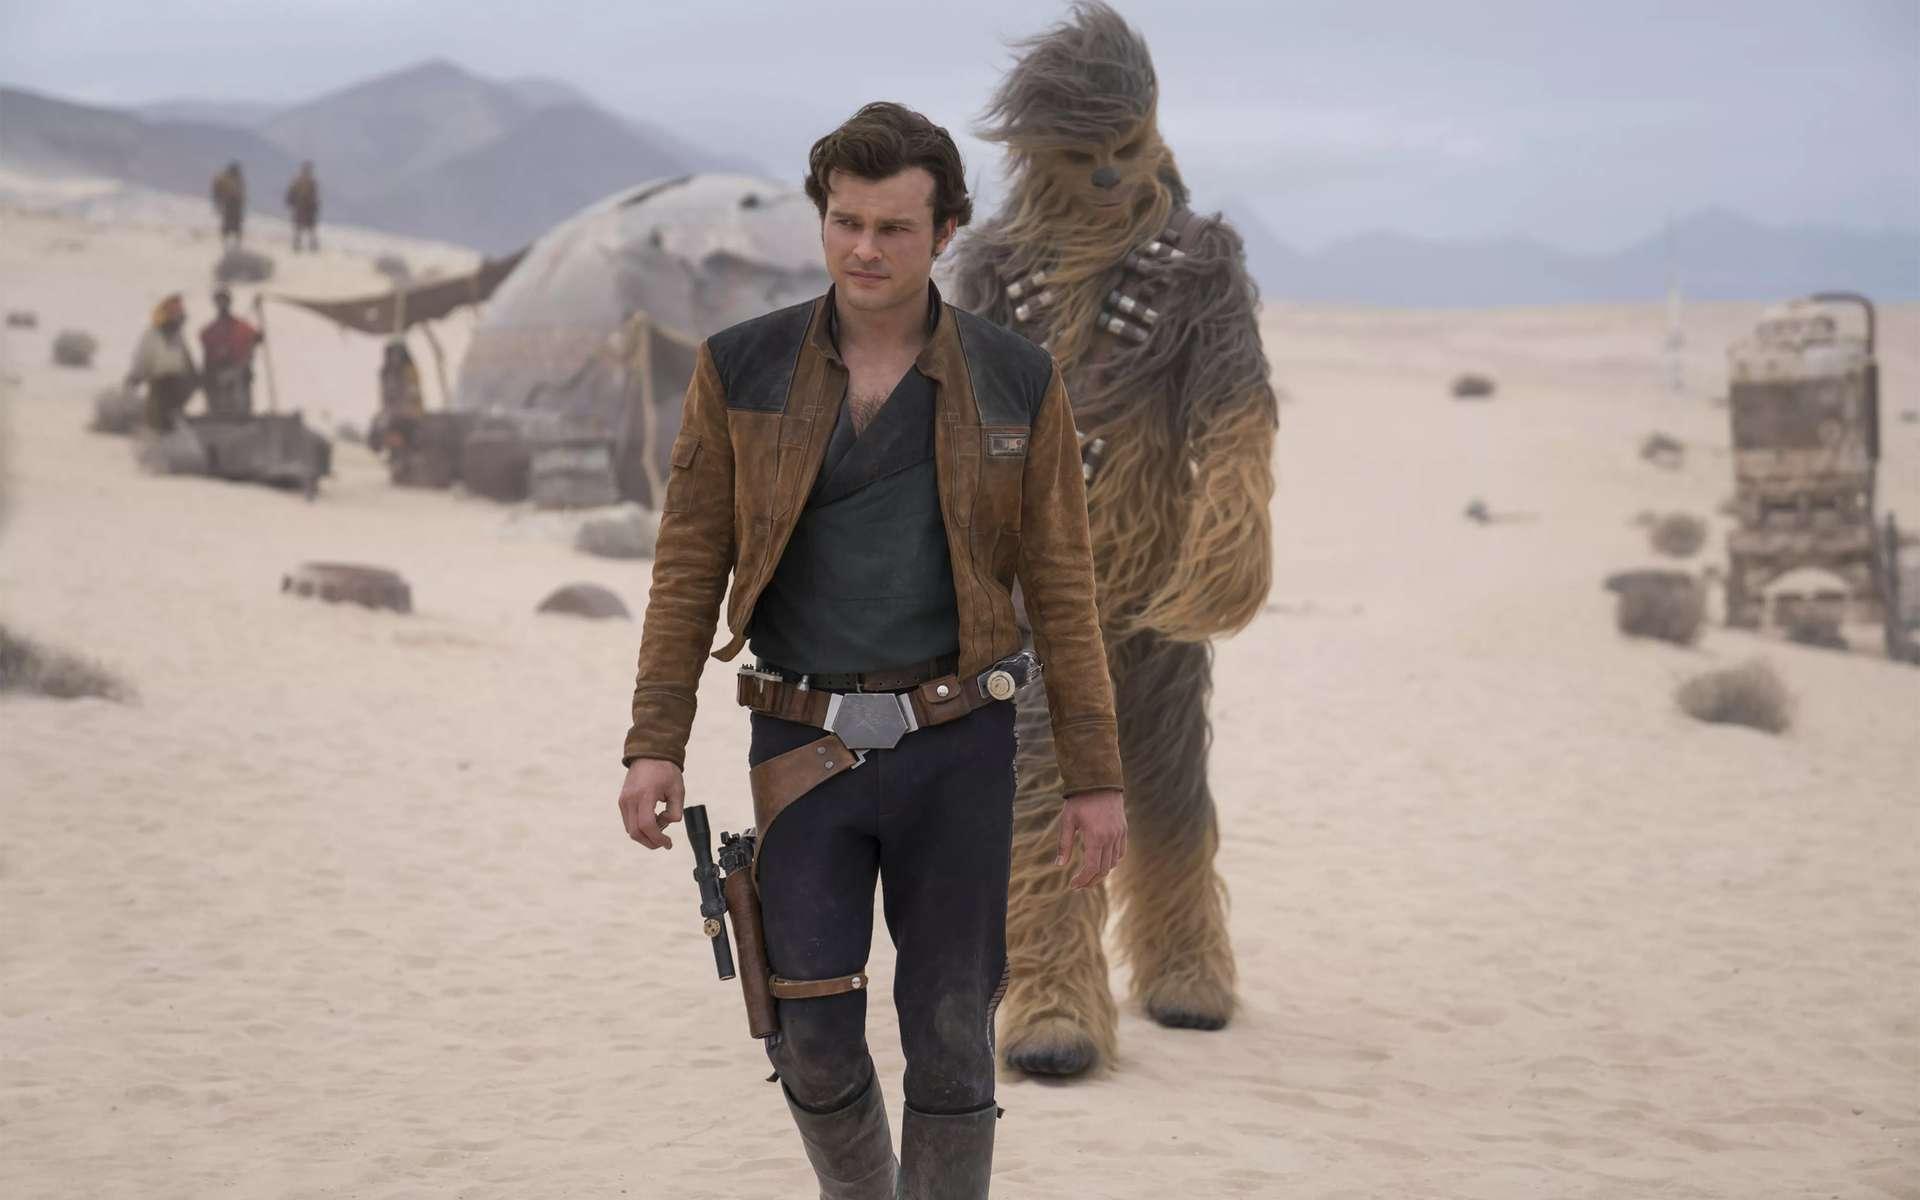 Le blaster, arme fétiche de Han Solo dans la saga Star Wars, relève-il vraiment de la fiction ? La physique des plasmas peut expliquer son fonctionnement. © Lucasfilm Ltd, 2018